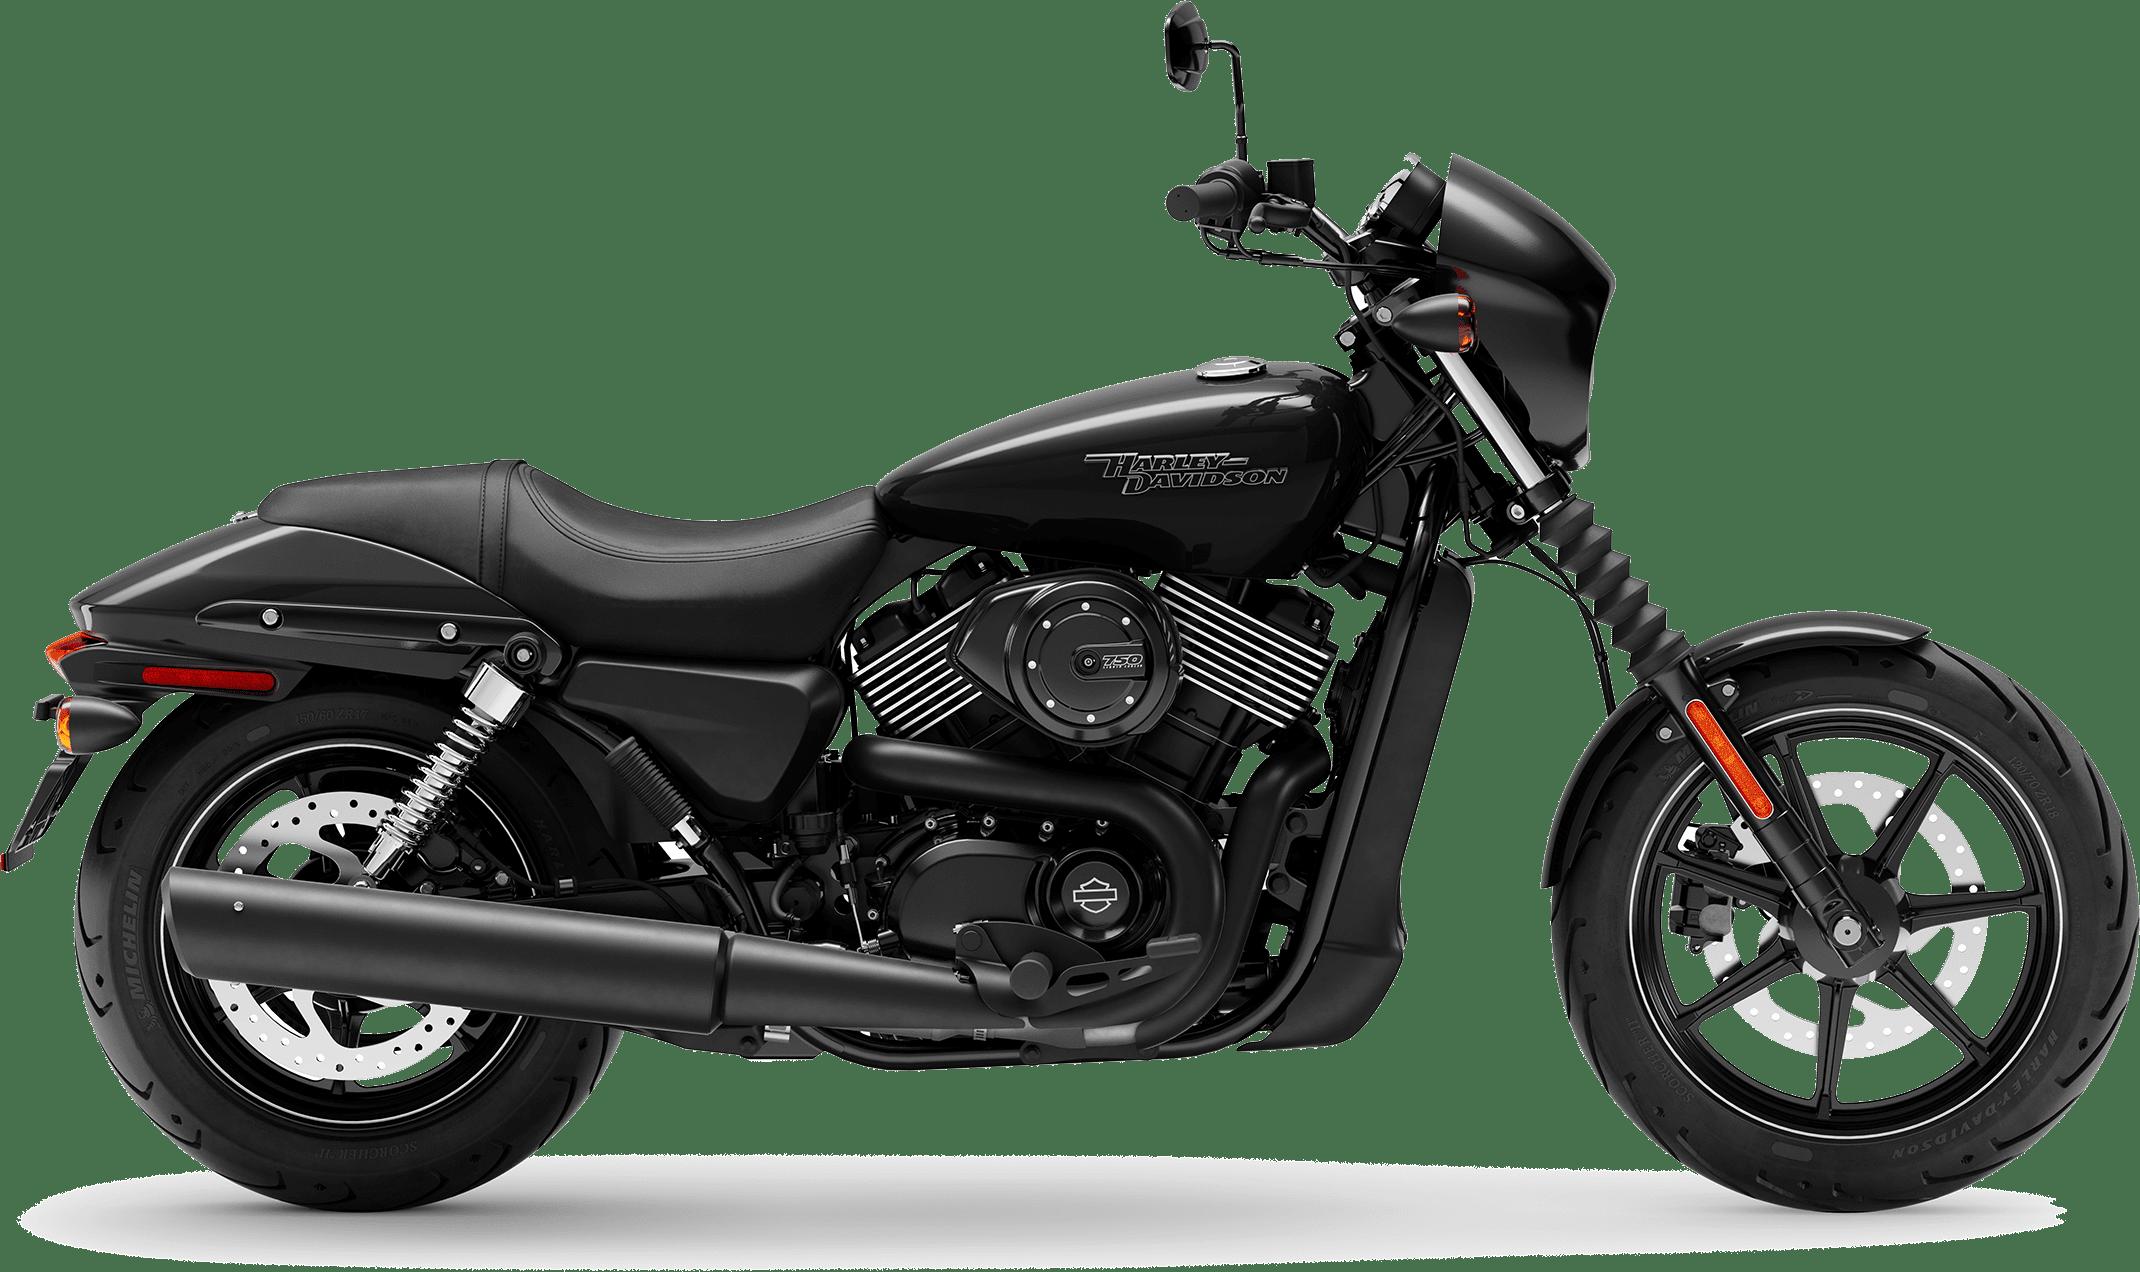 2019 Harley-Davidson H-D Street 750 Vivid Black